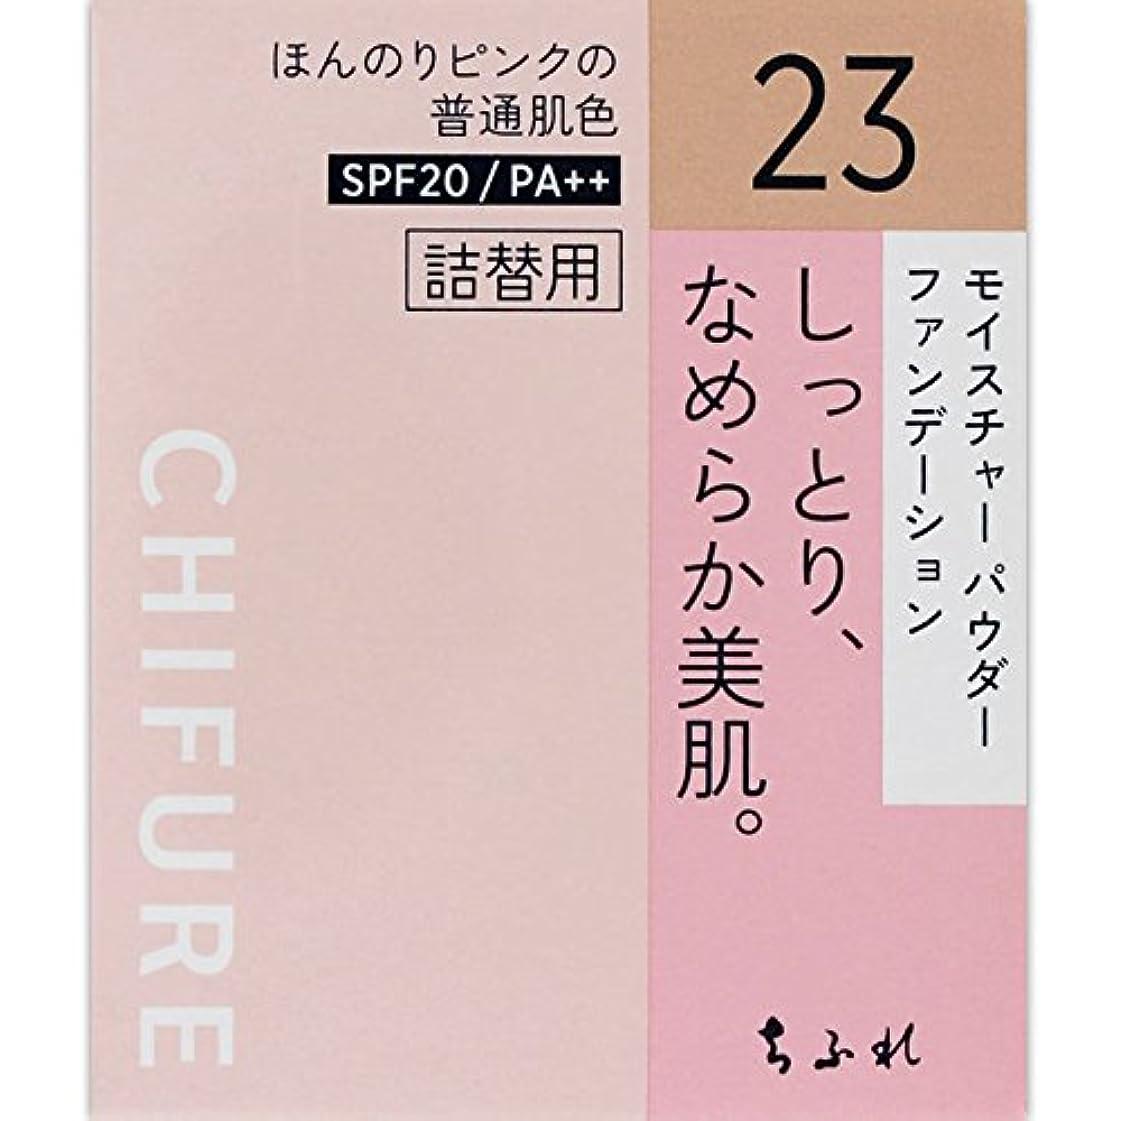 面倒伝統的延ばすちふれ化粧品 モイスチャー パウダーファンデーション 詰替用 ピンクオークル系 MパウダーFD詰替用23